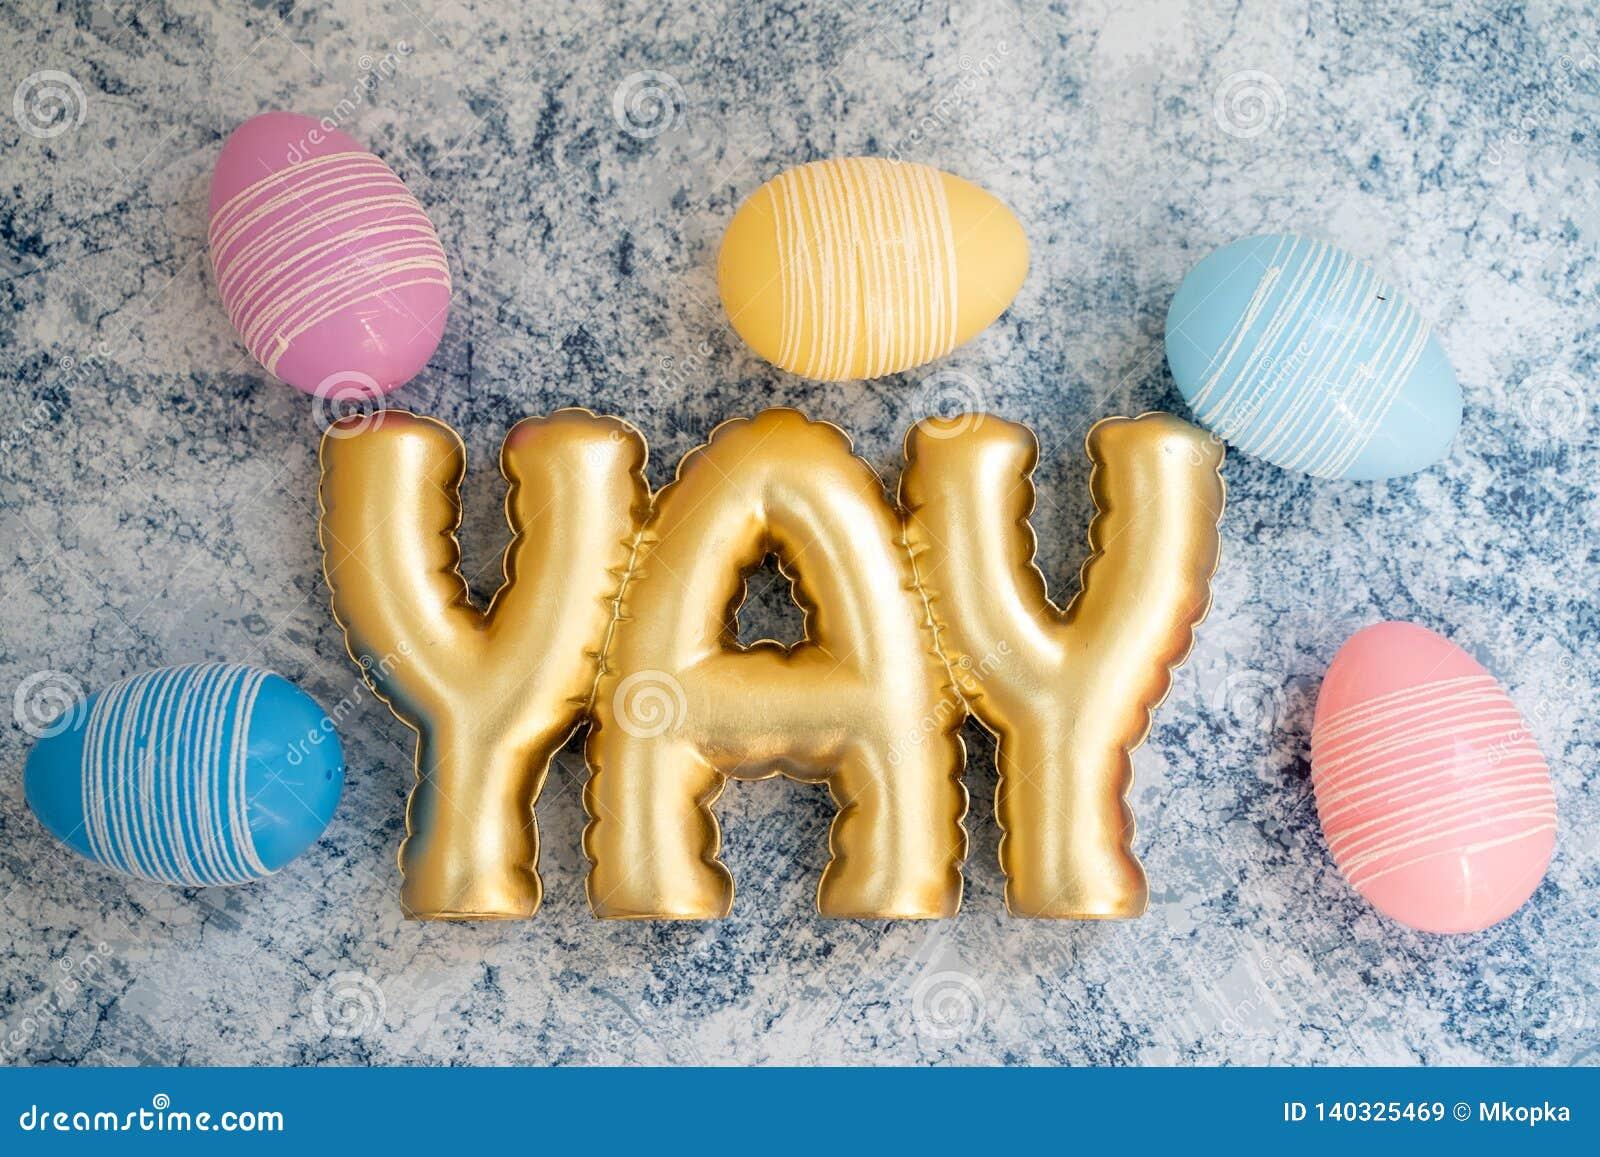 Fundo jovem do ovo da páscoa do divertimento com a palavra YAY na rotulação do ouro Ovos pasteis bonitos